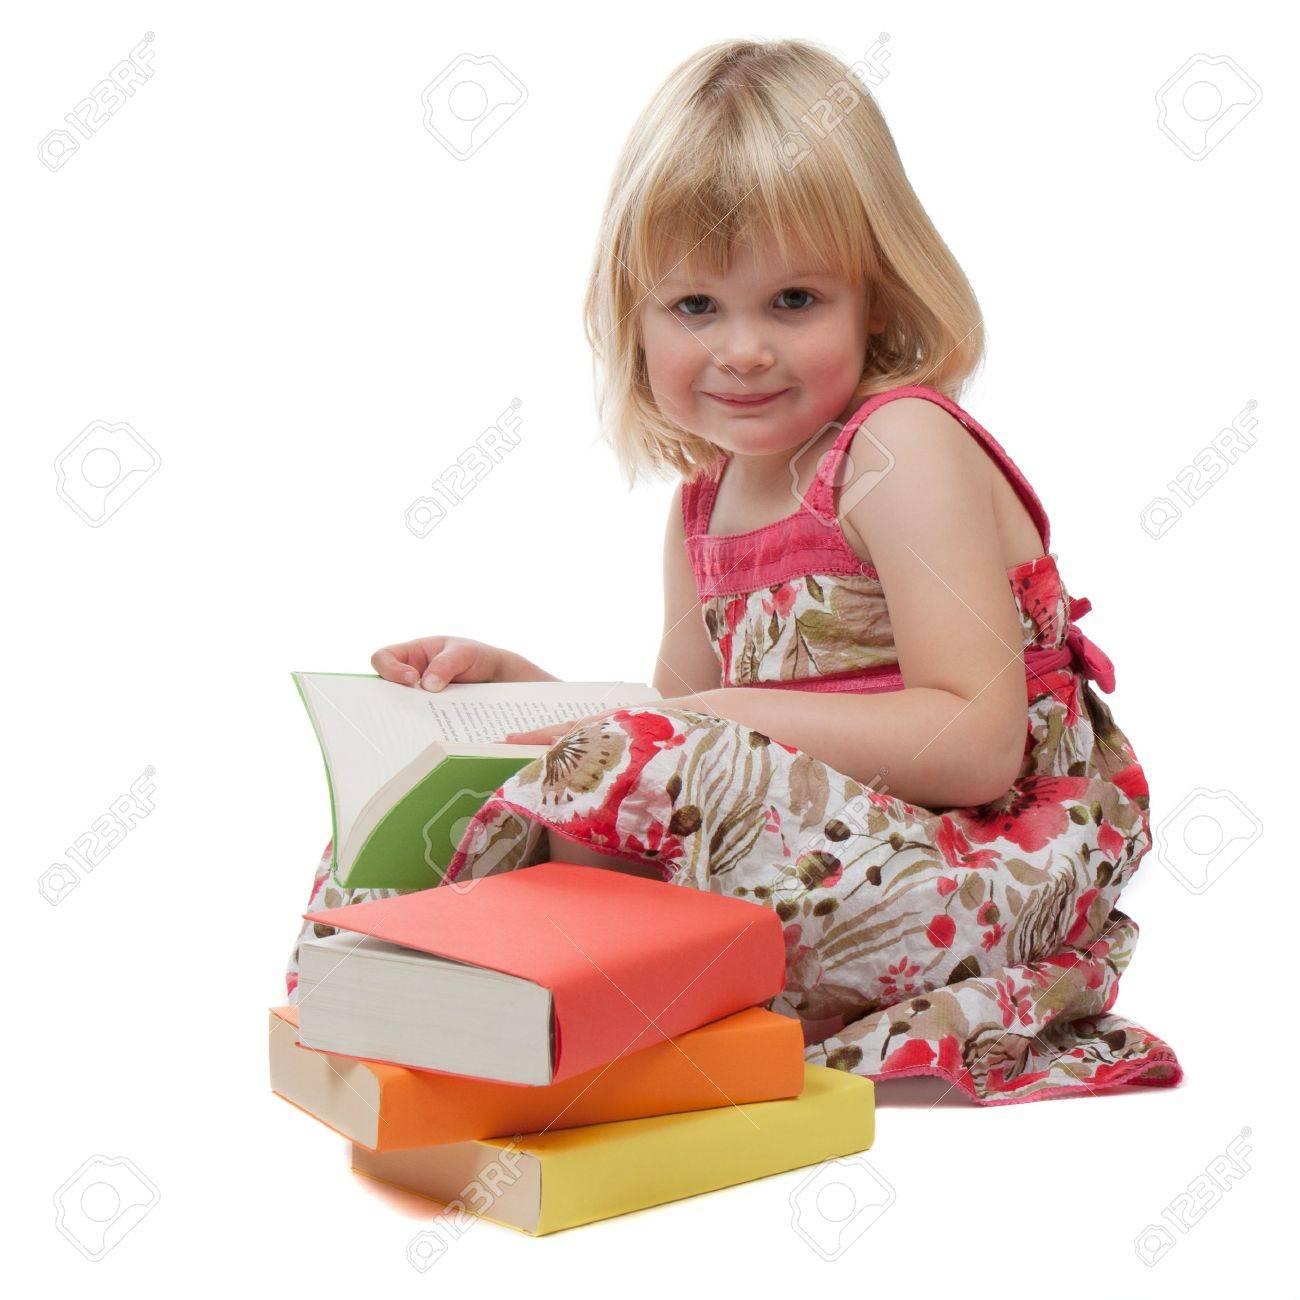 Une Fille De 4 Ans Dans Une Robe Rouge Lit Un Livre Une Pile De